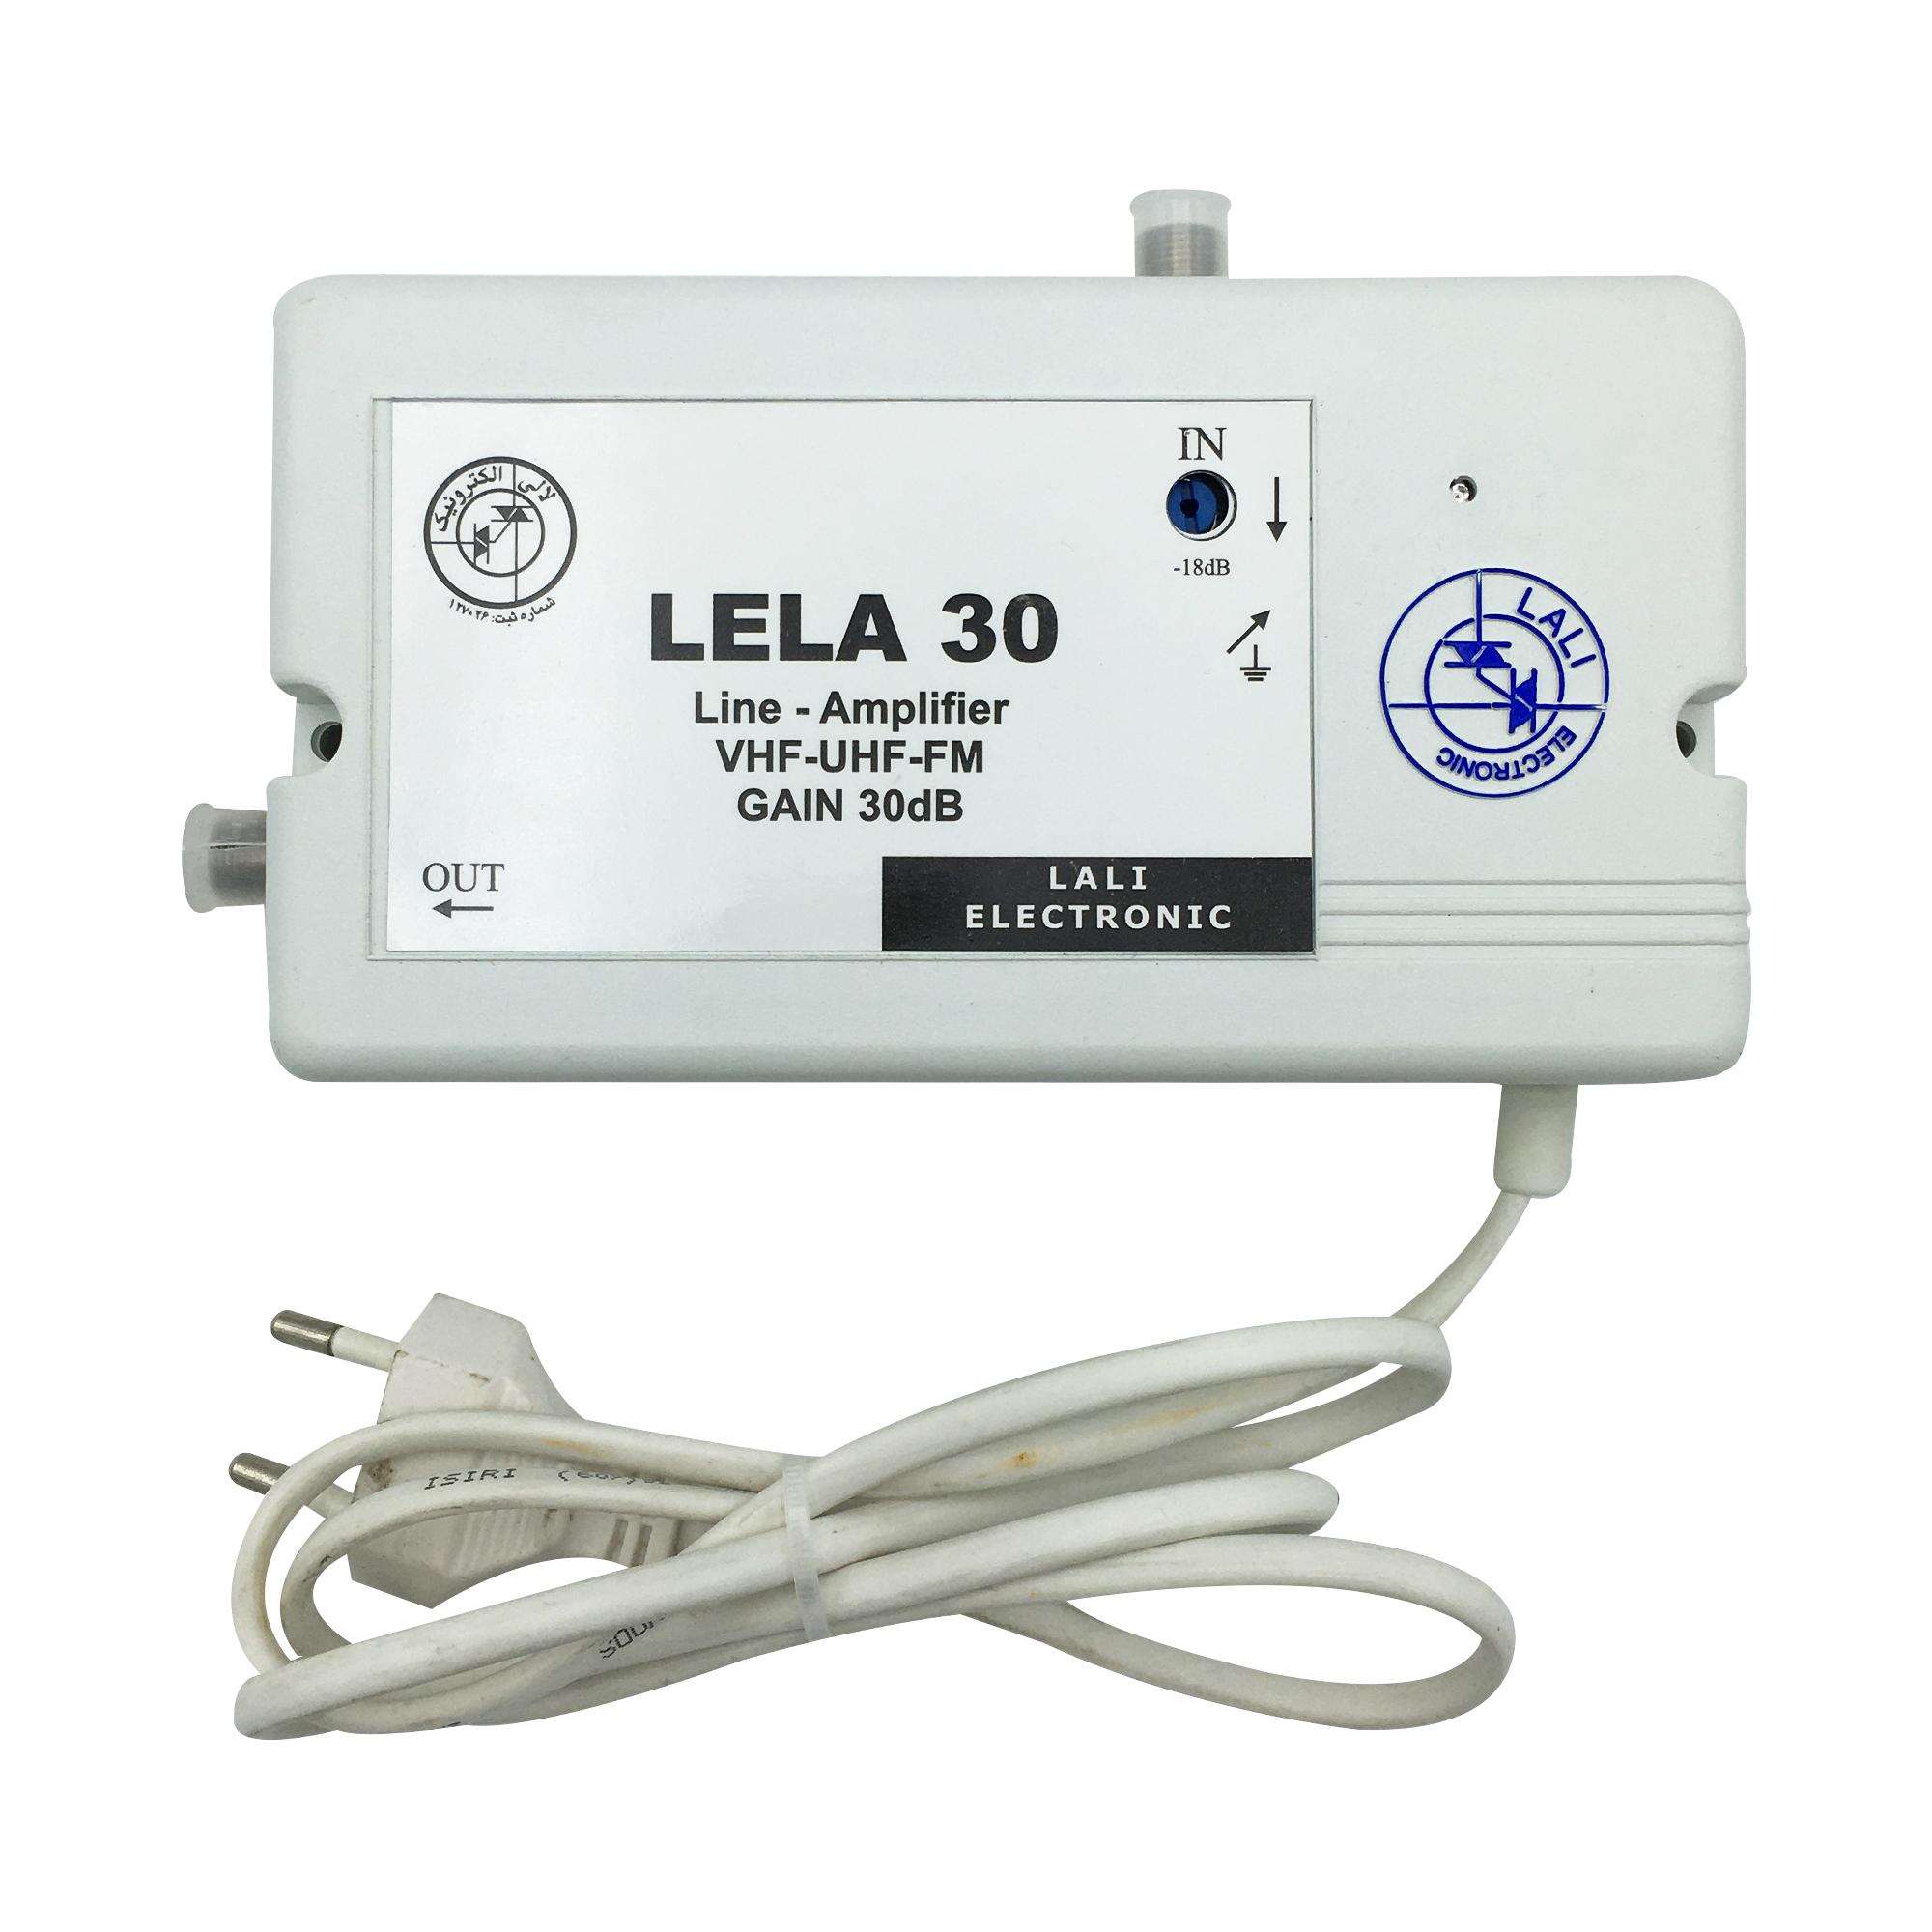 آنتن تقویتی لالی الکترونیک مدل LELA30